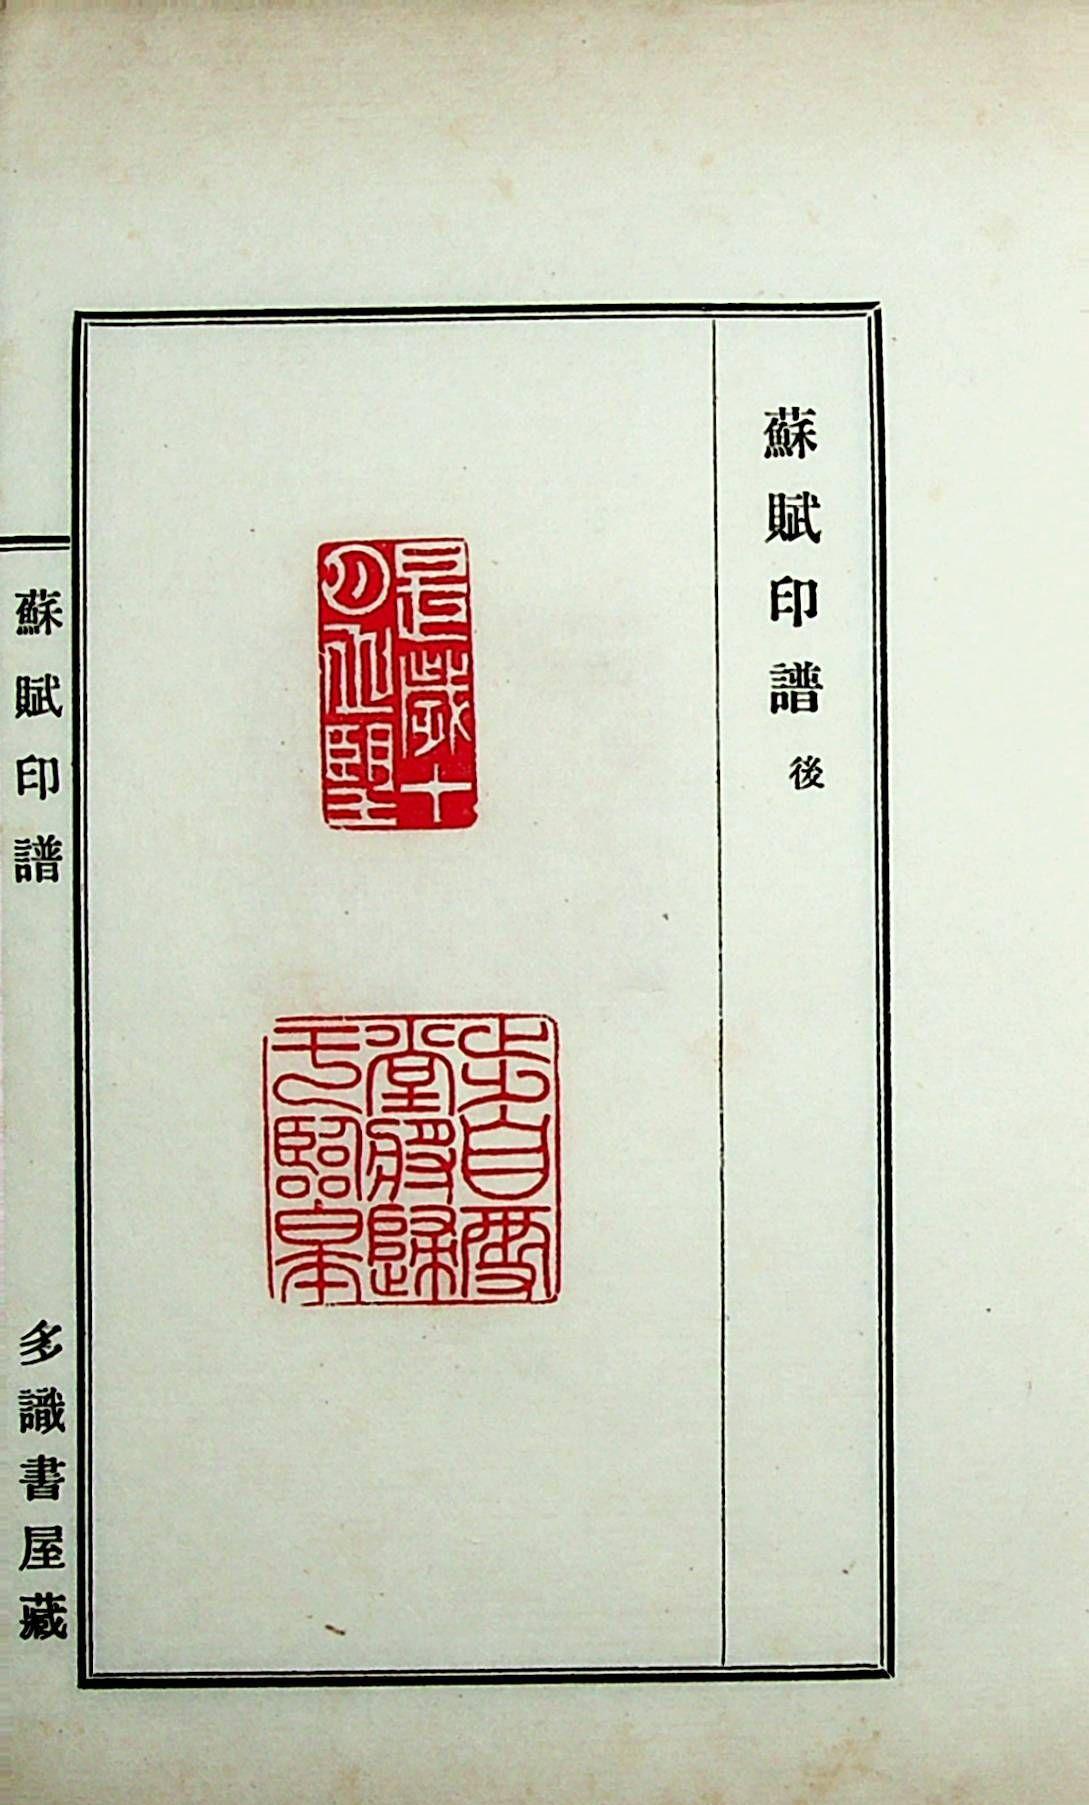 苏轼苏东坡《后赤壁赋》篆刻印谱,未注钤印时间,或为民国间之物